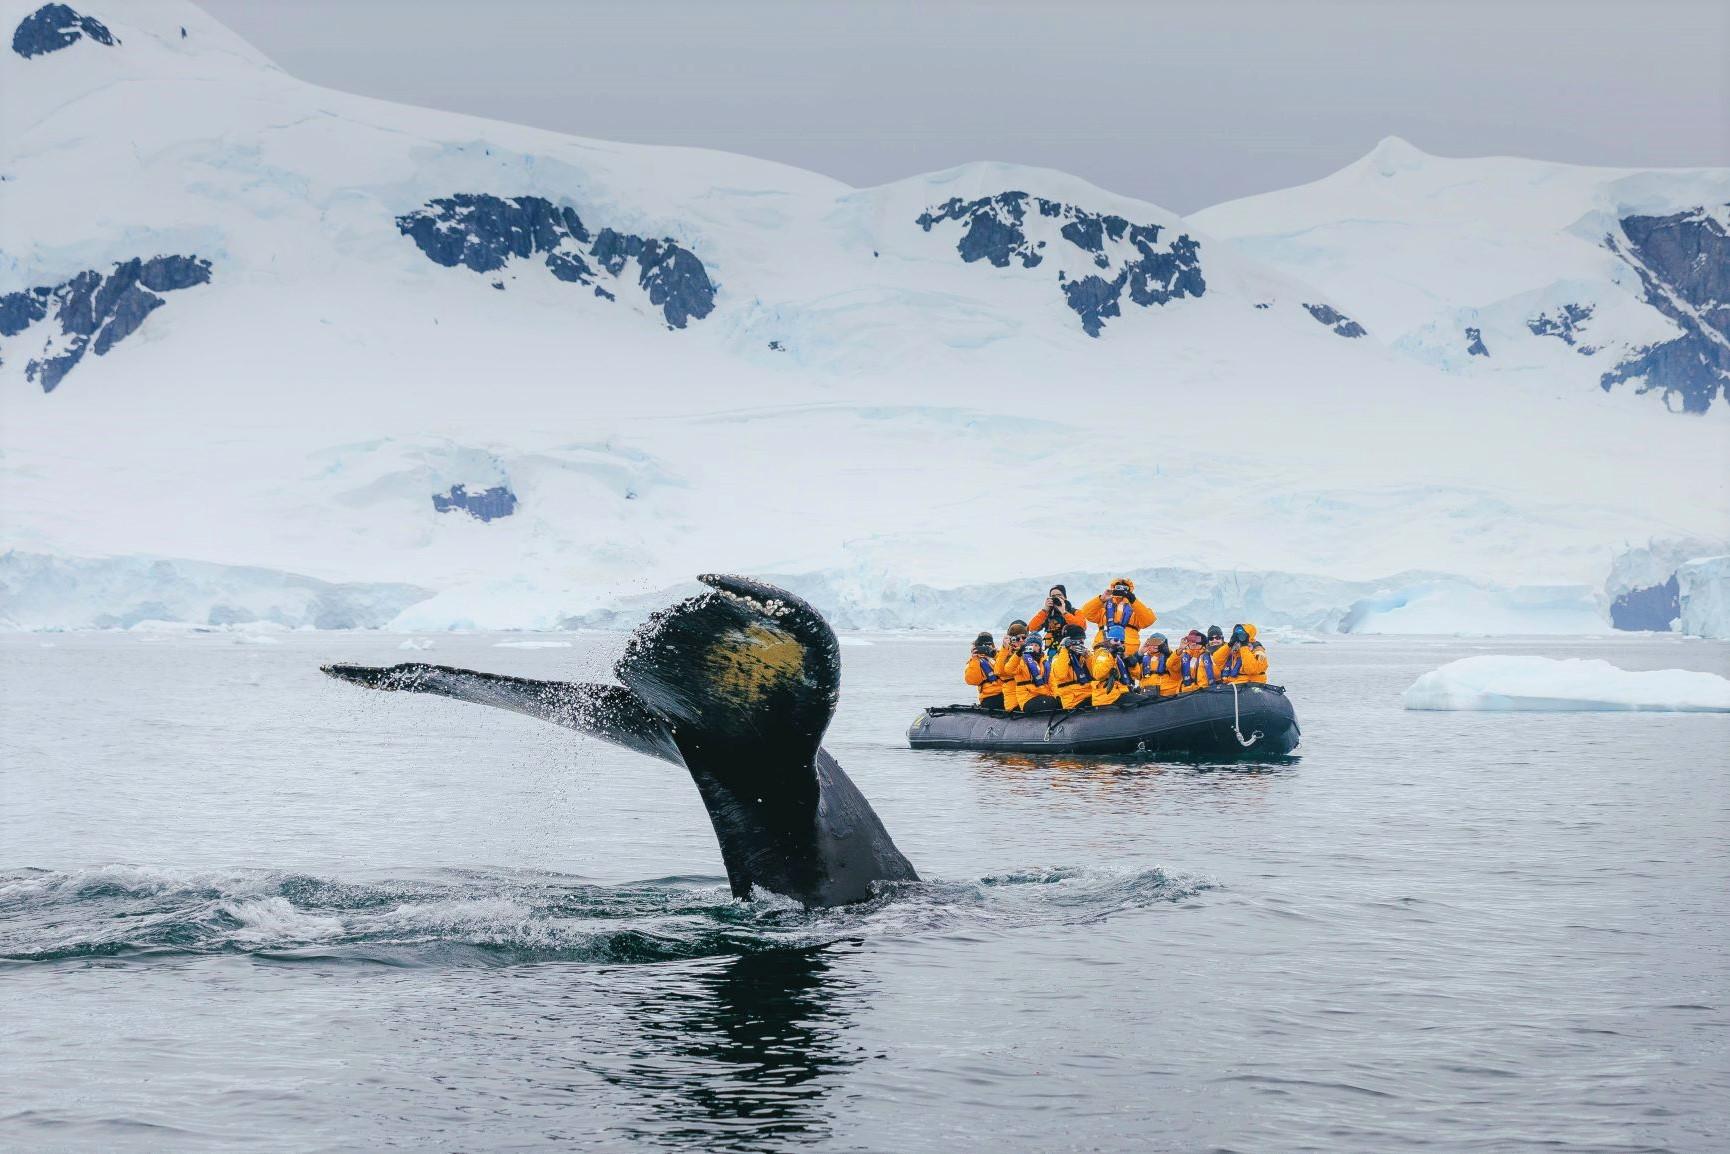 ゾディアックボートからザトウクジラを観察